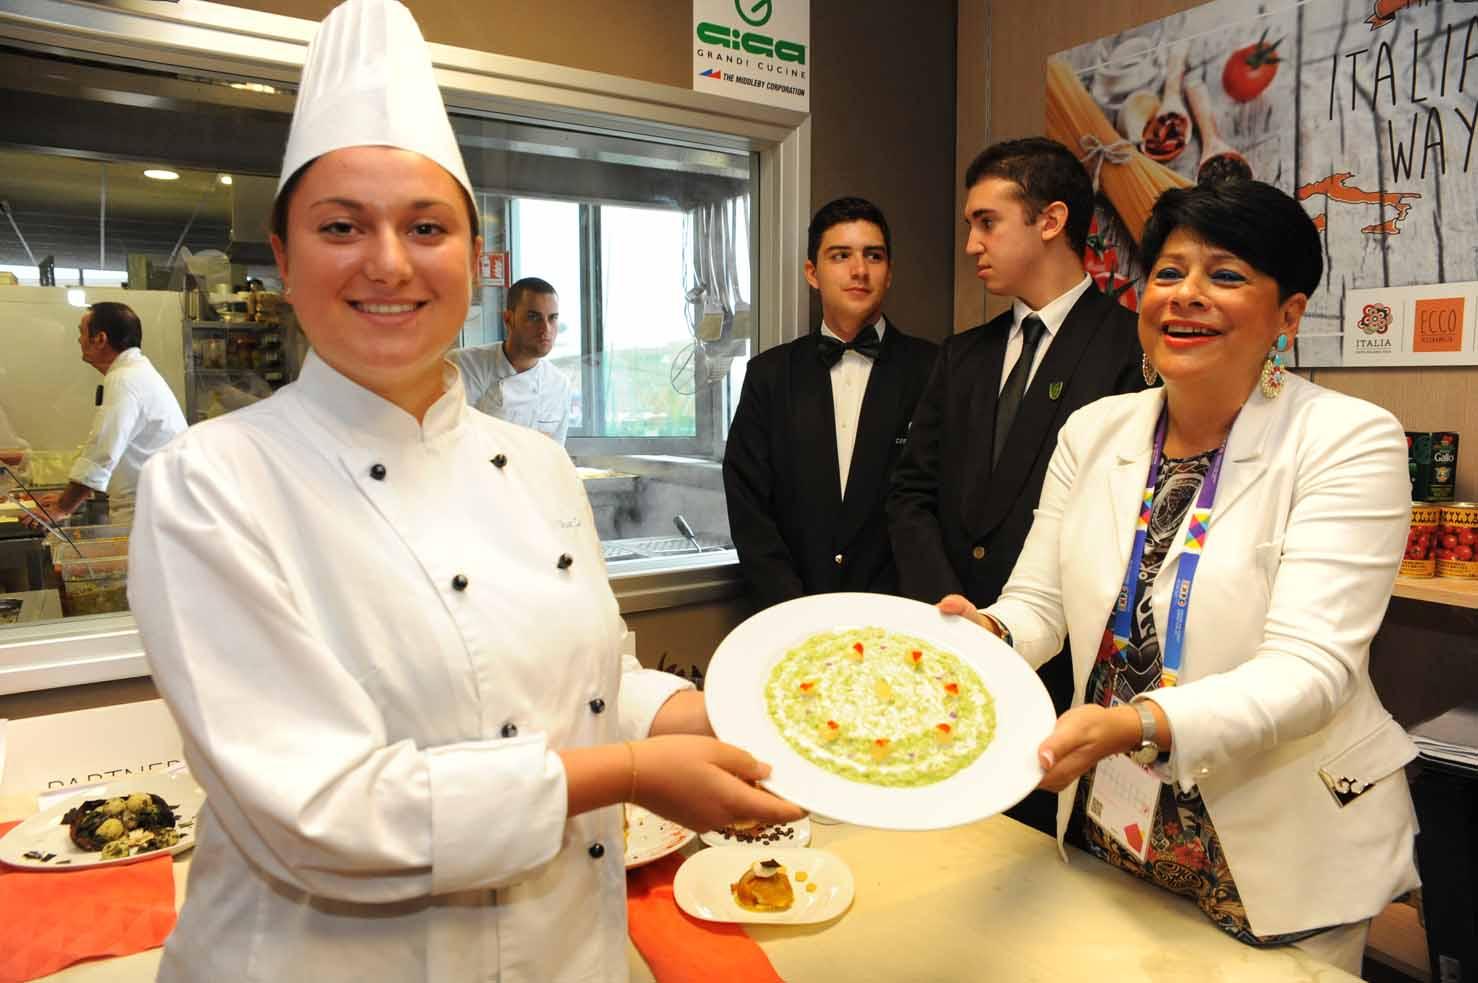 Elisa Zanella e il suo piatto